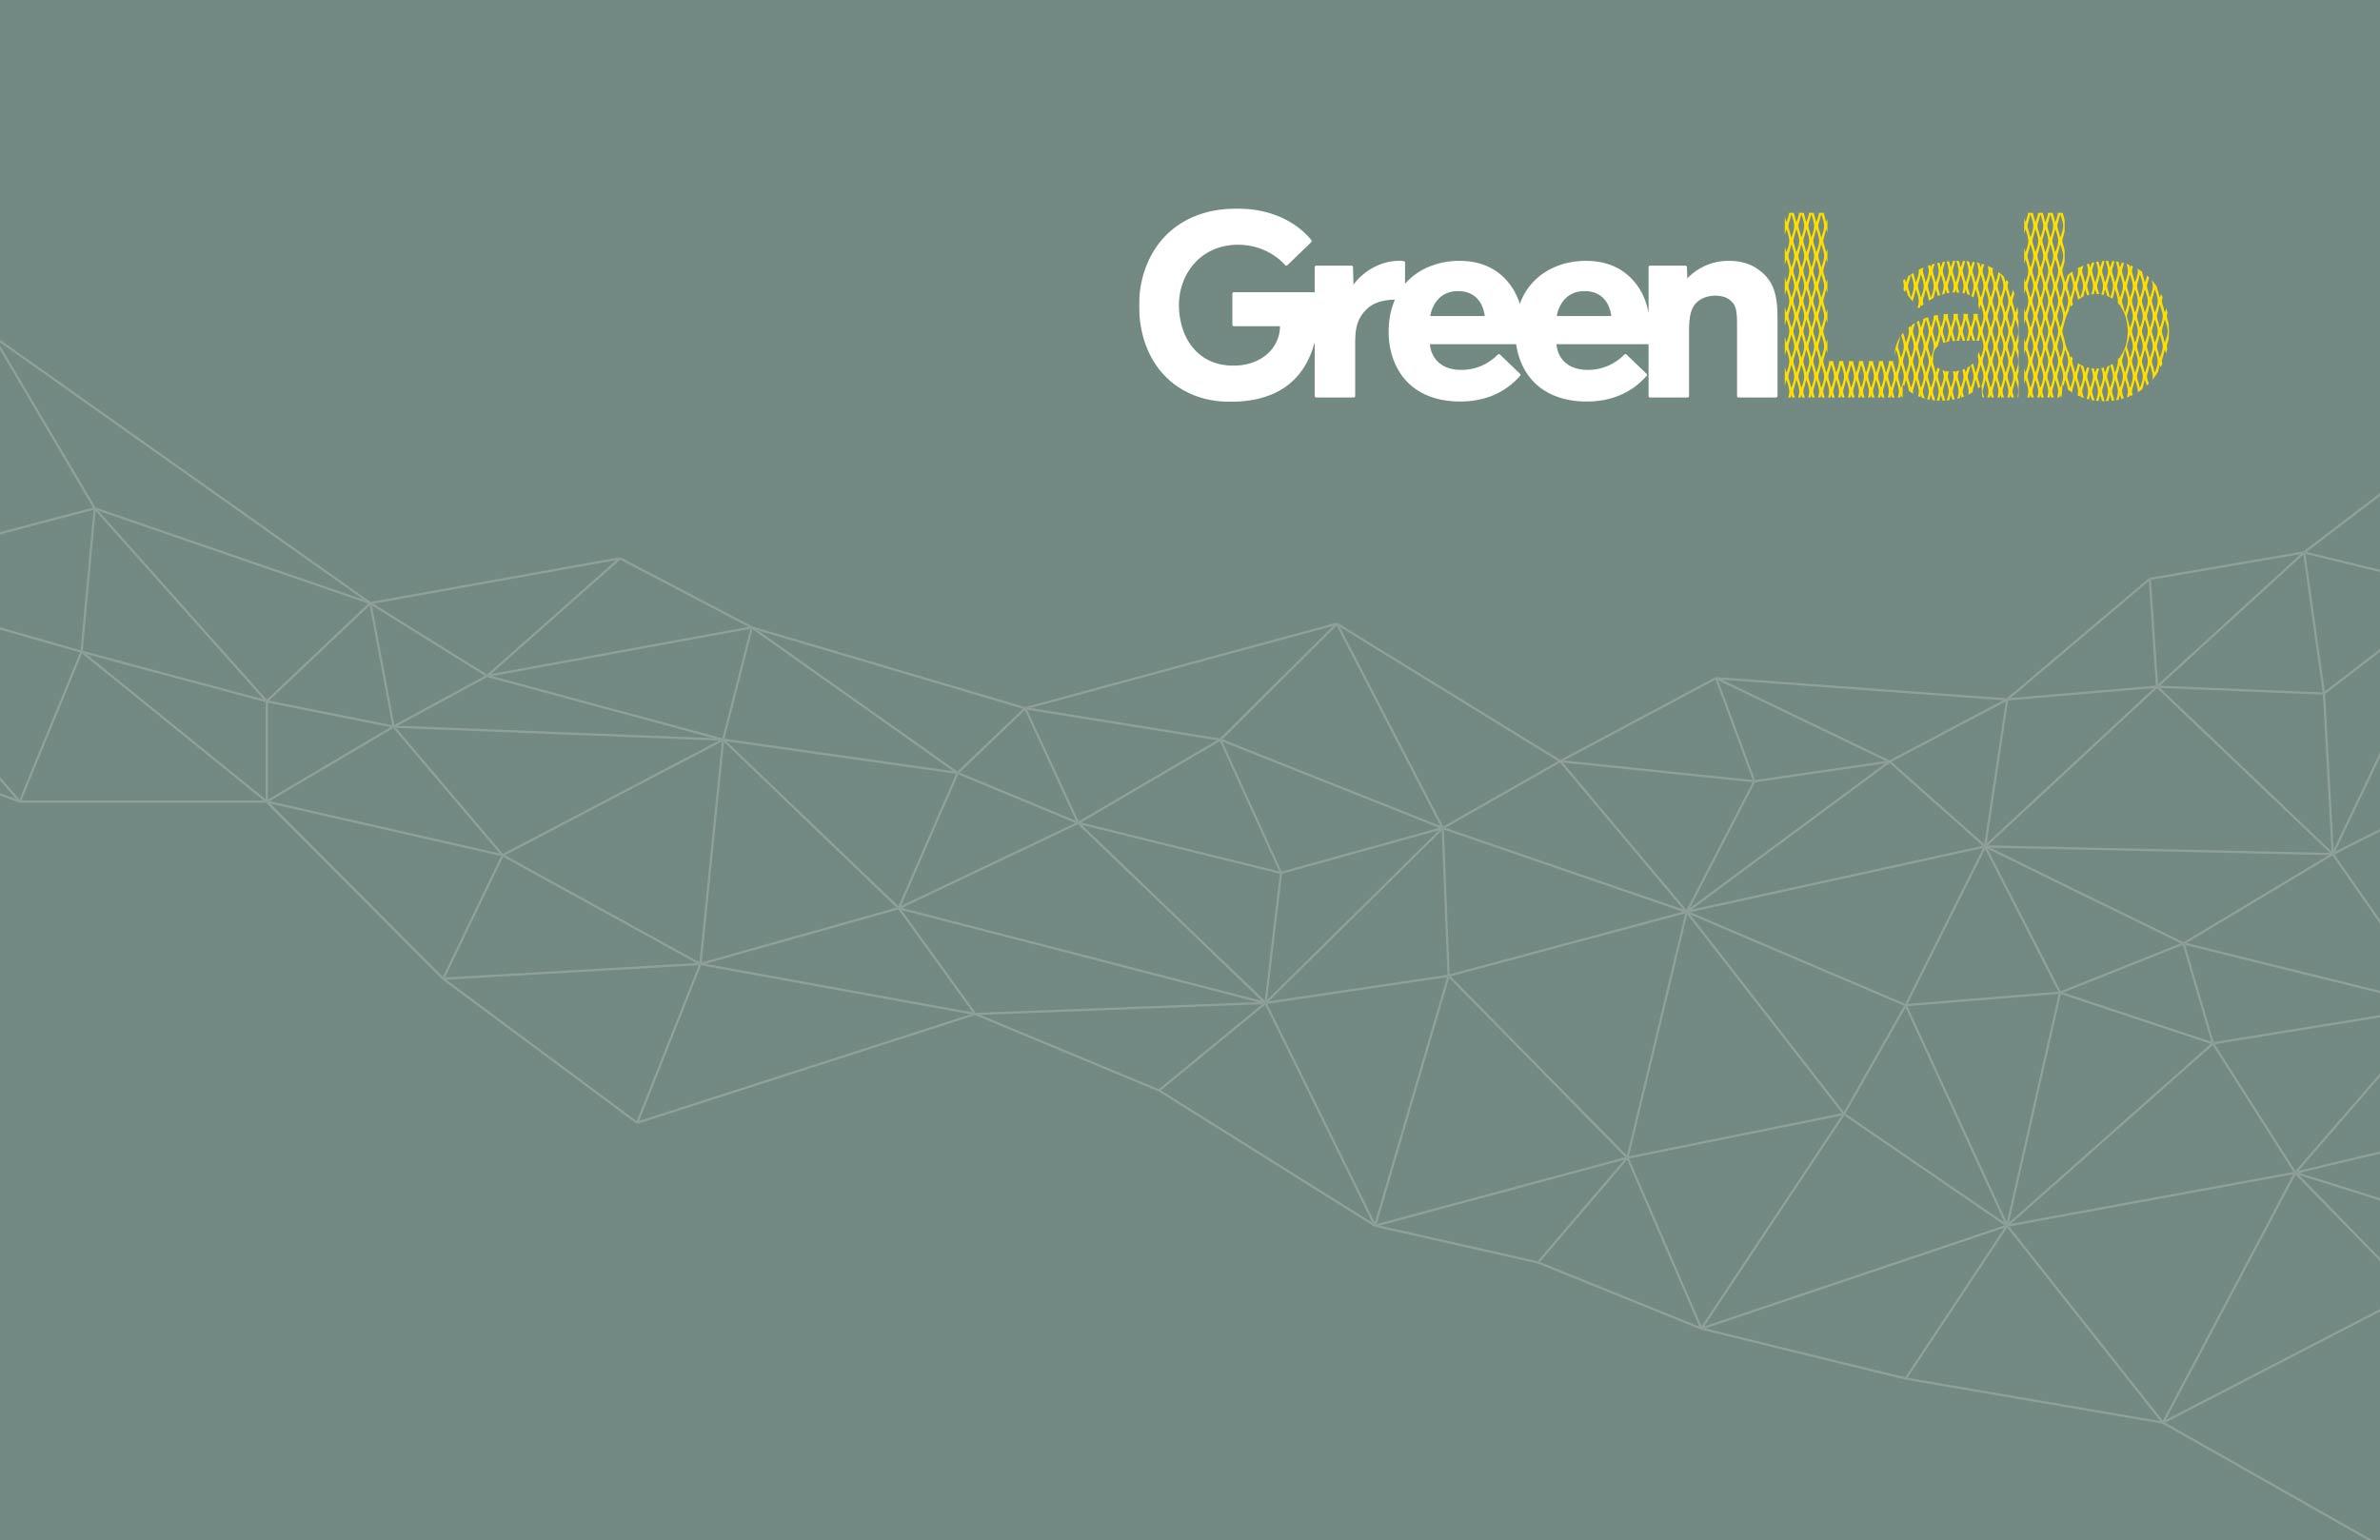 Billede der viser GreenLabs nye logo